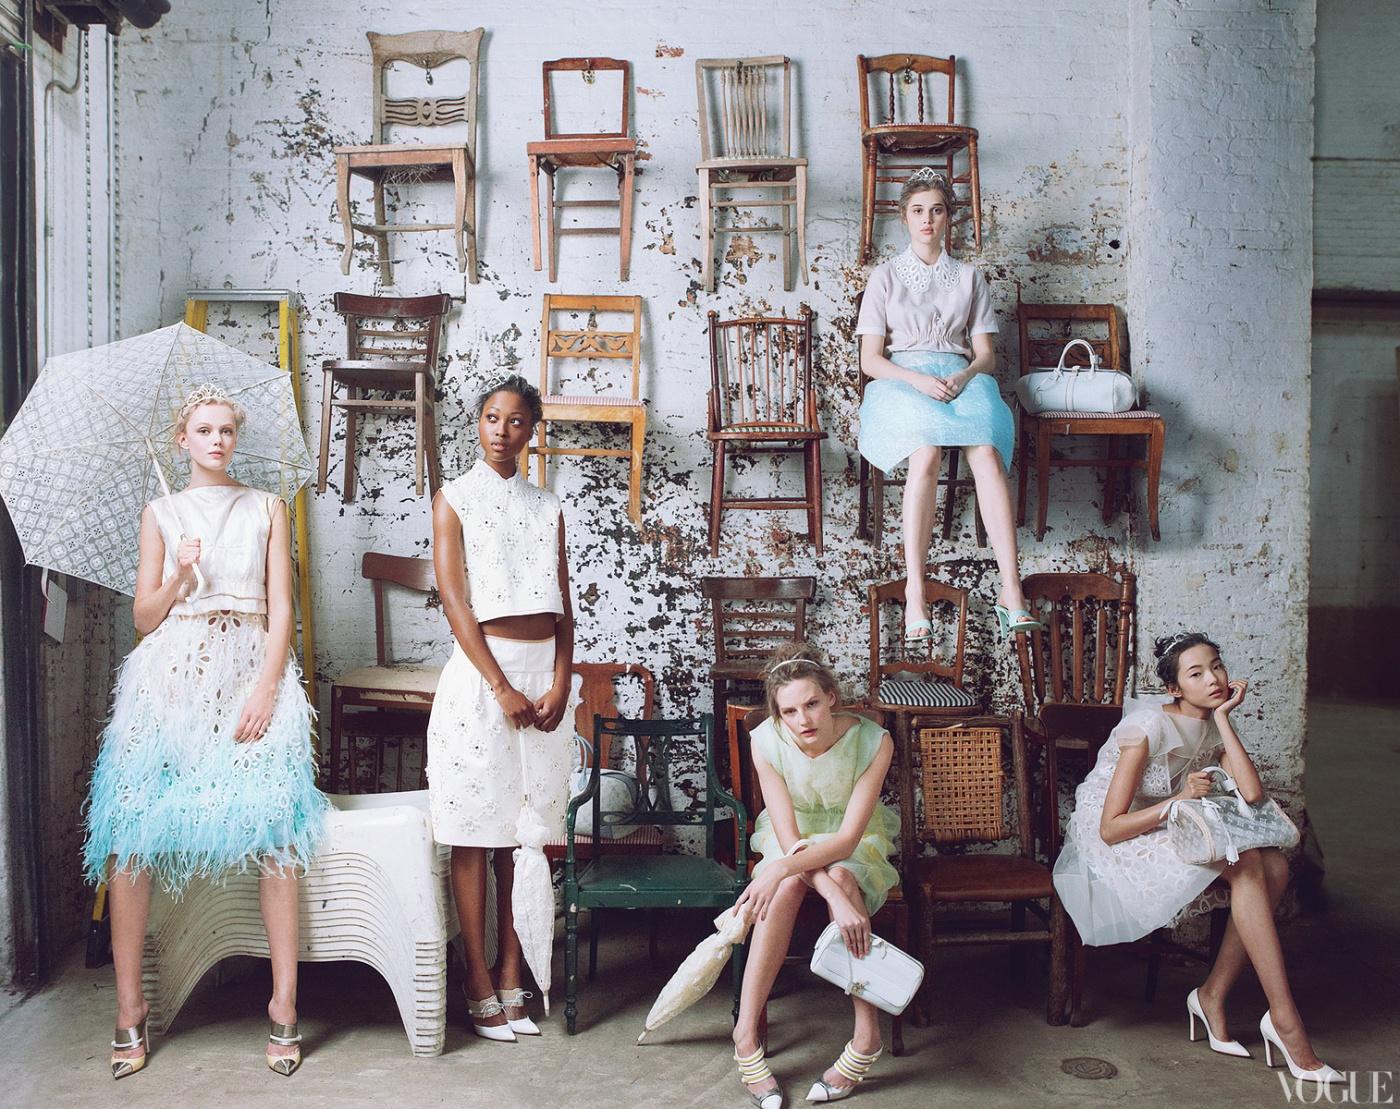 Vogue US- January 2012. Styled by Grace Coddington